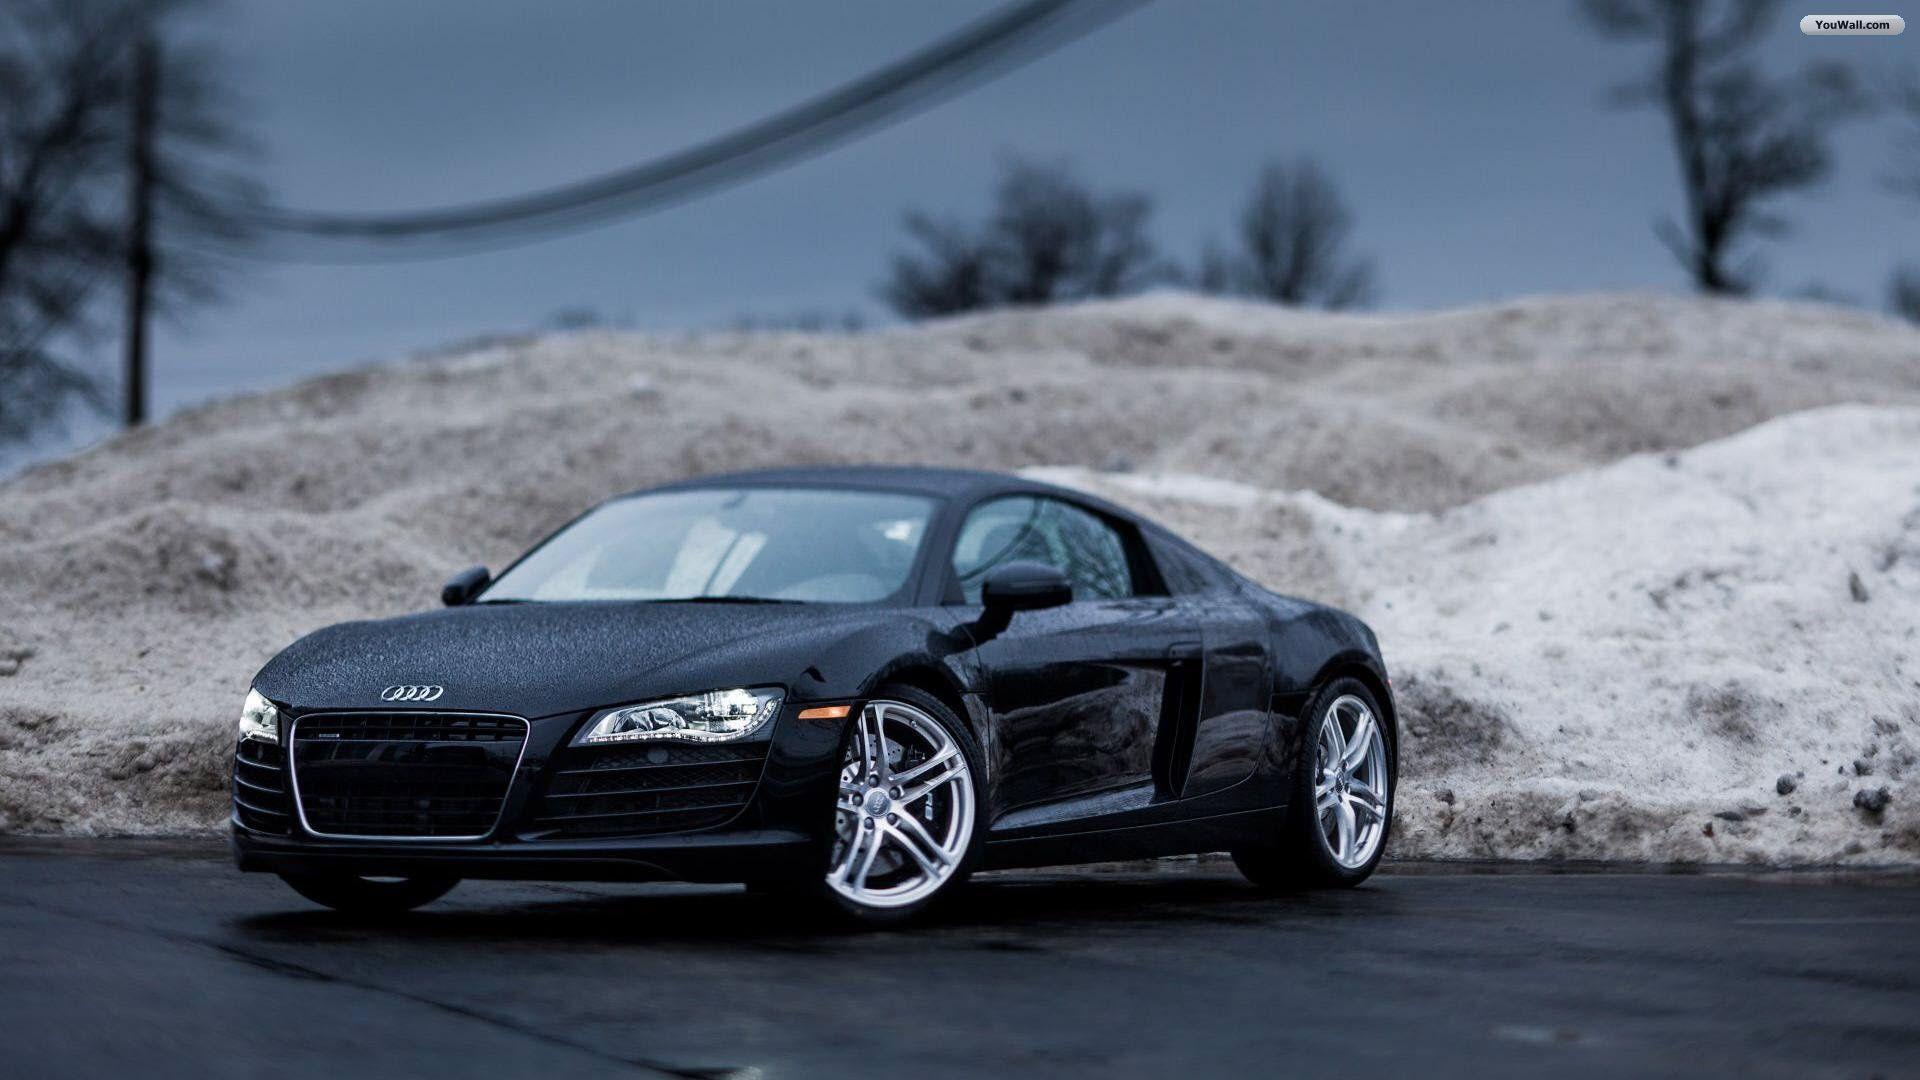 Audi R8 Wallpapers Wallpaper Cave